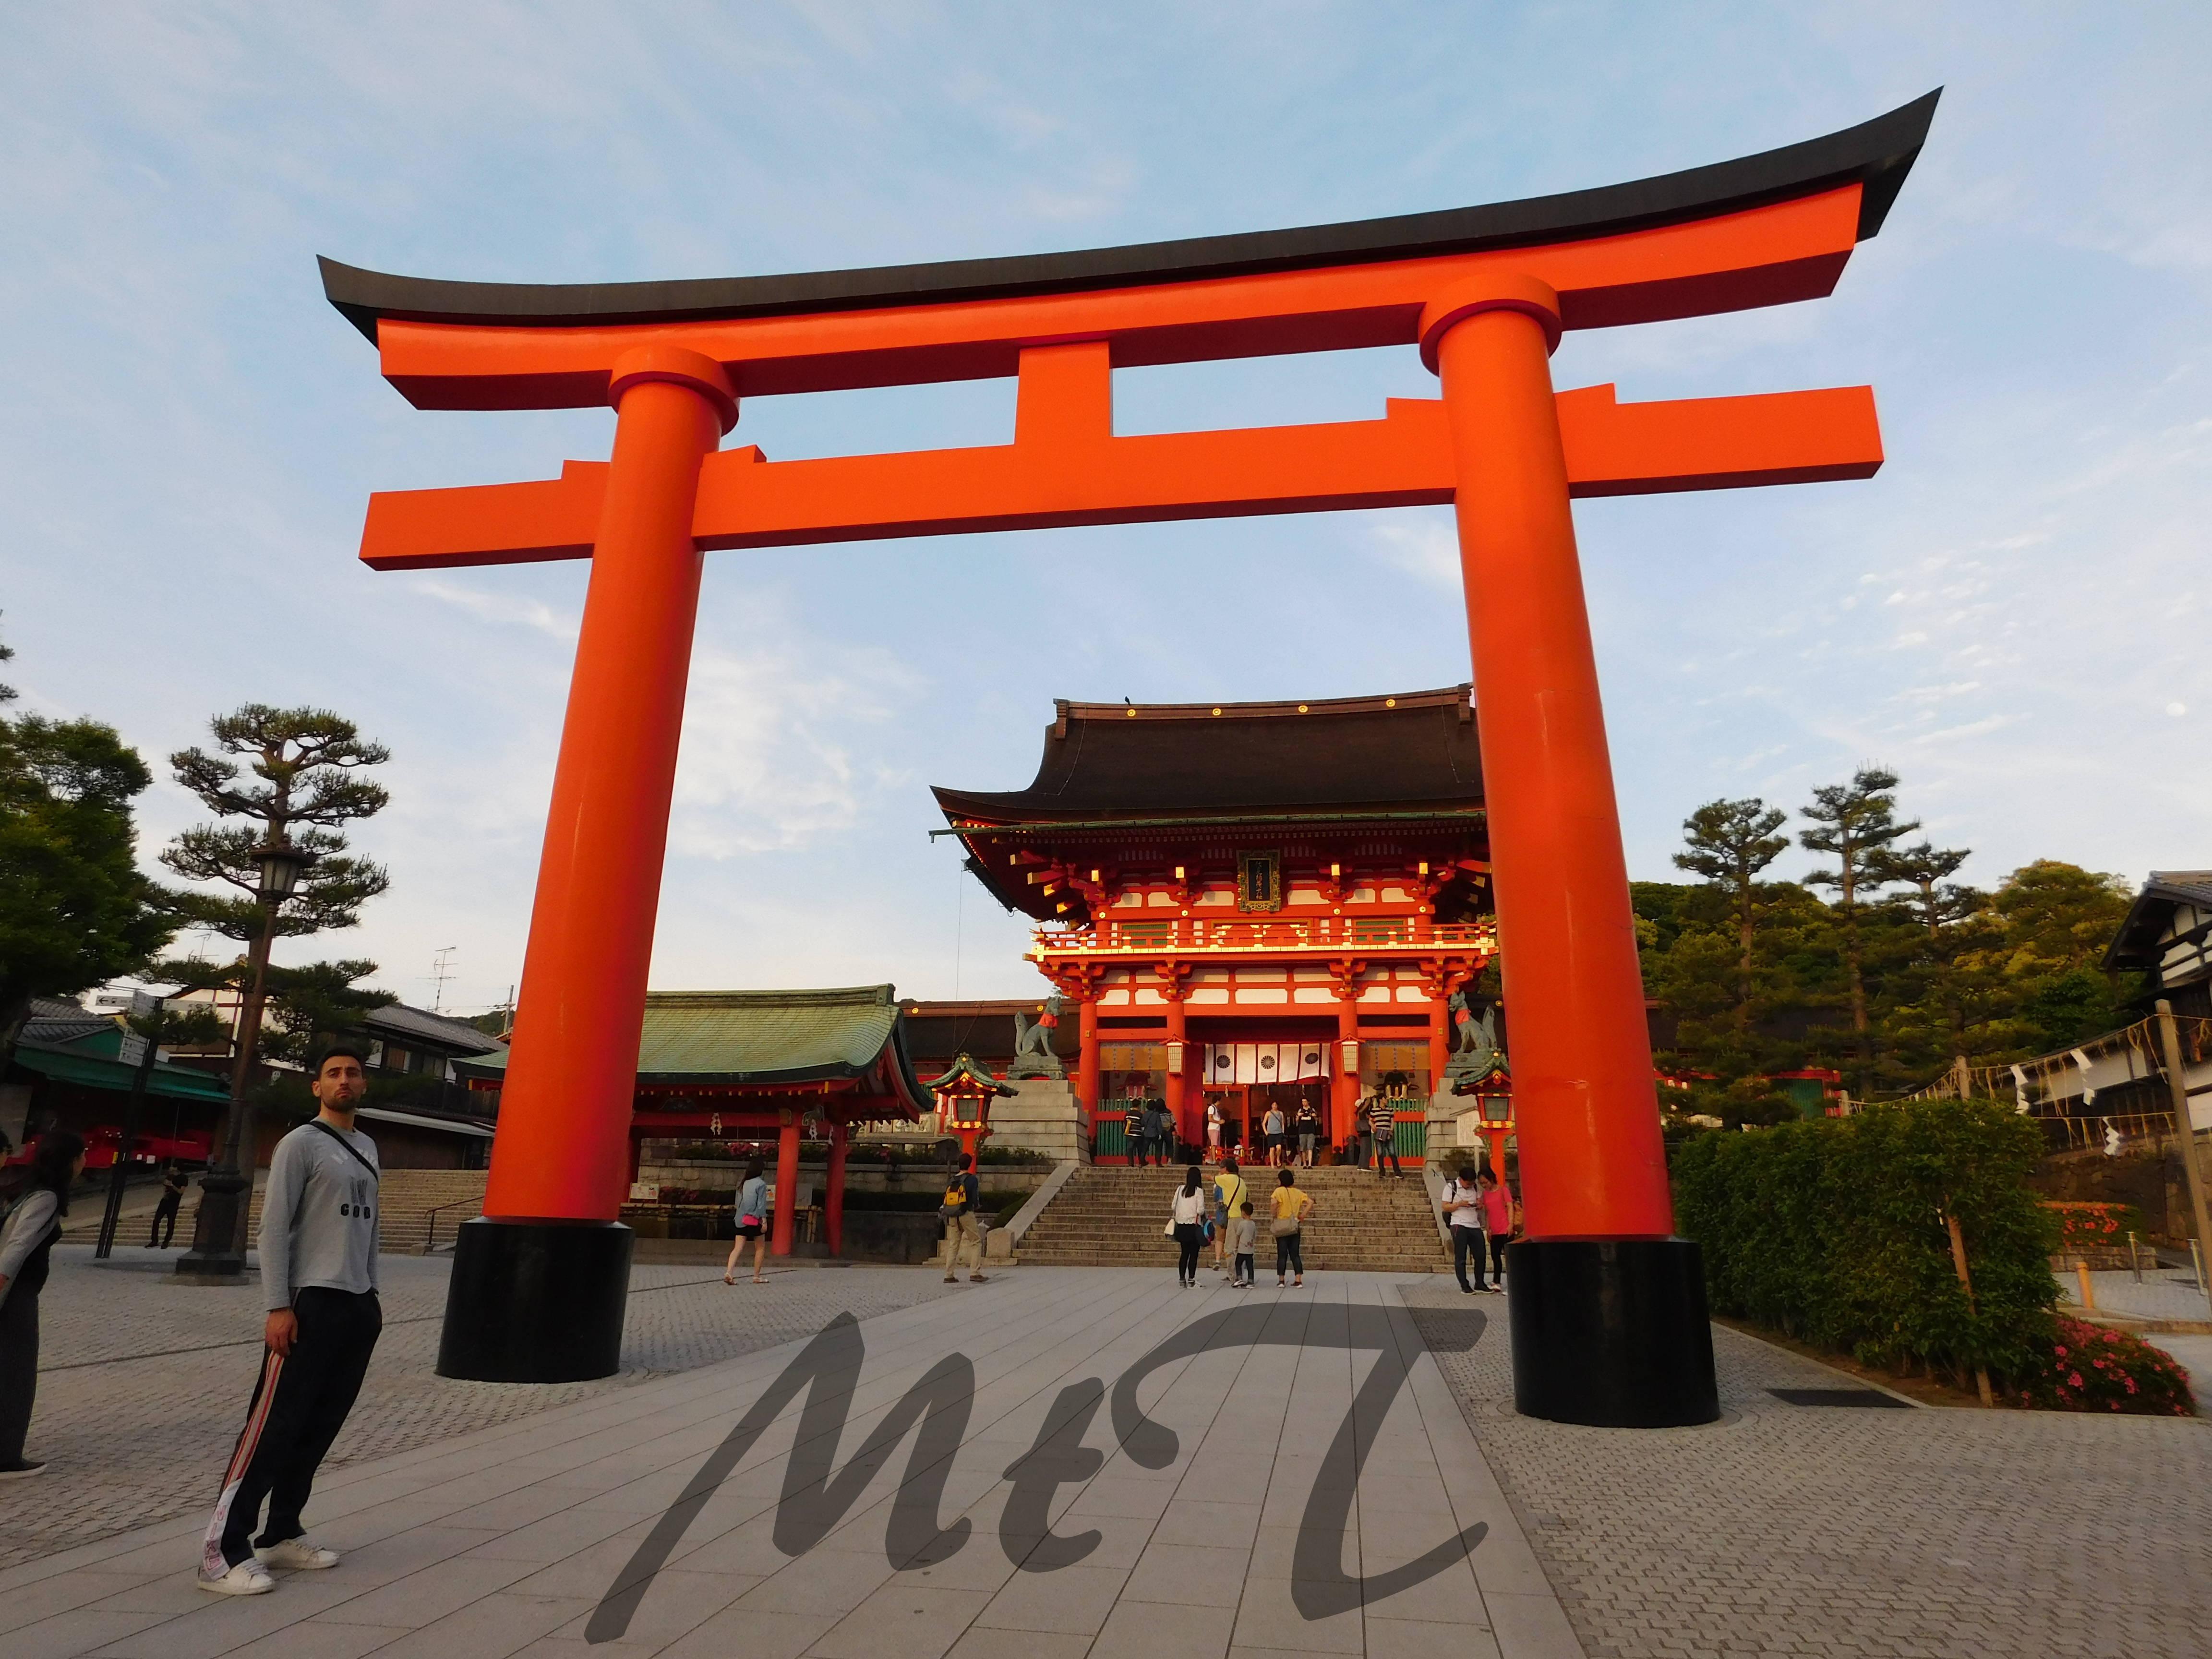 Kyoto: come muoversi, dove alloggiare e mangiare